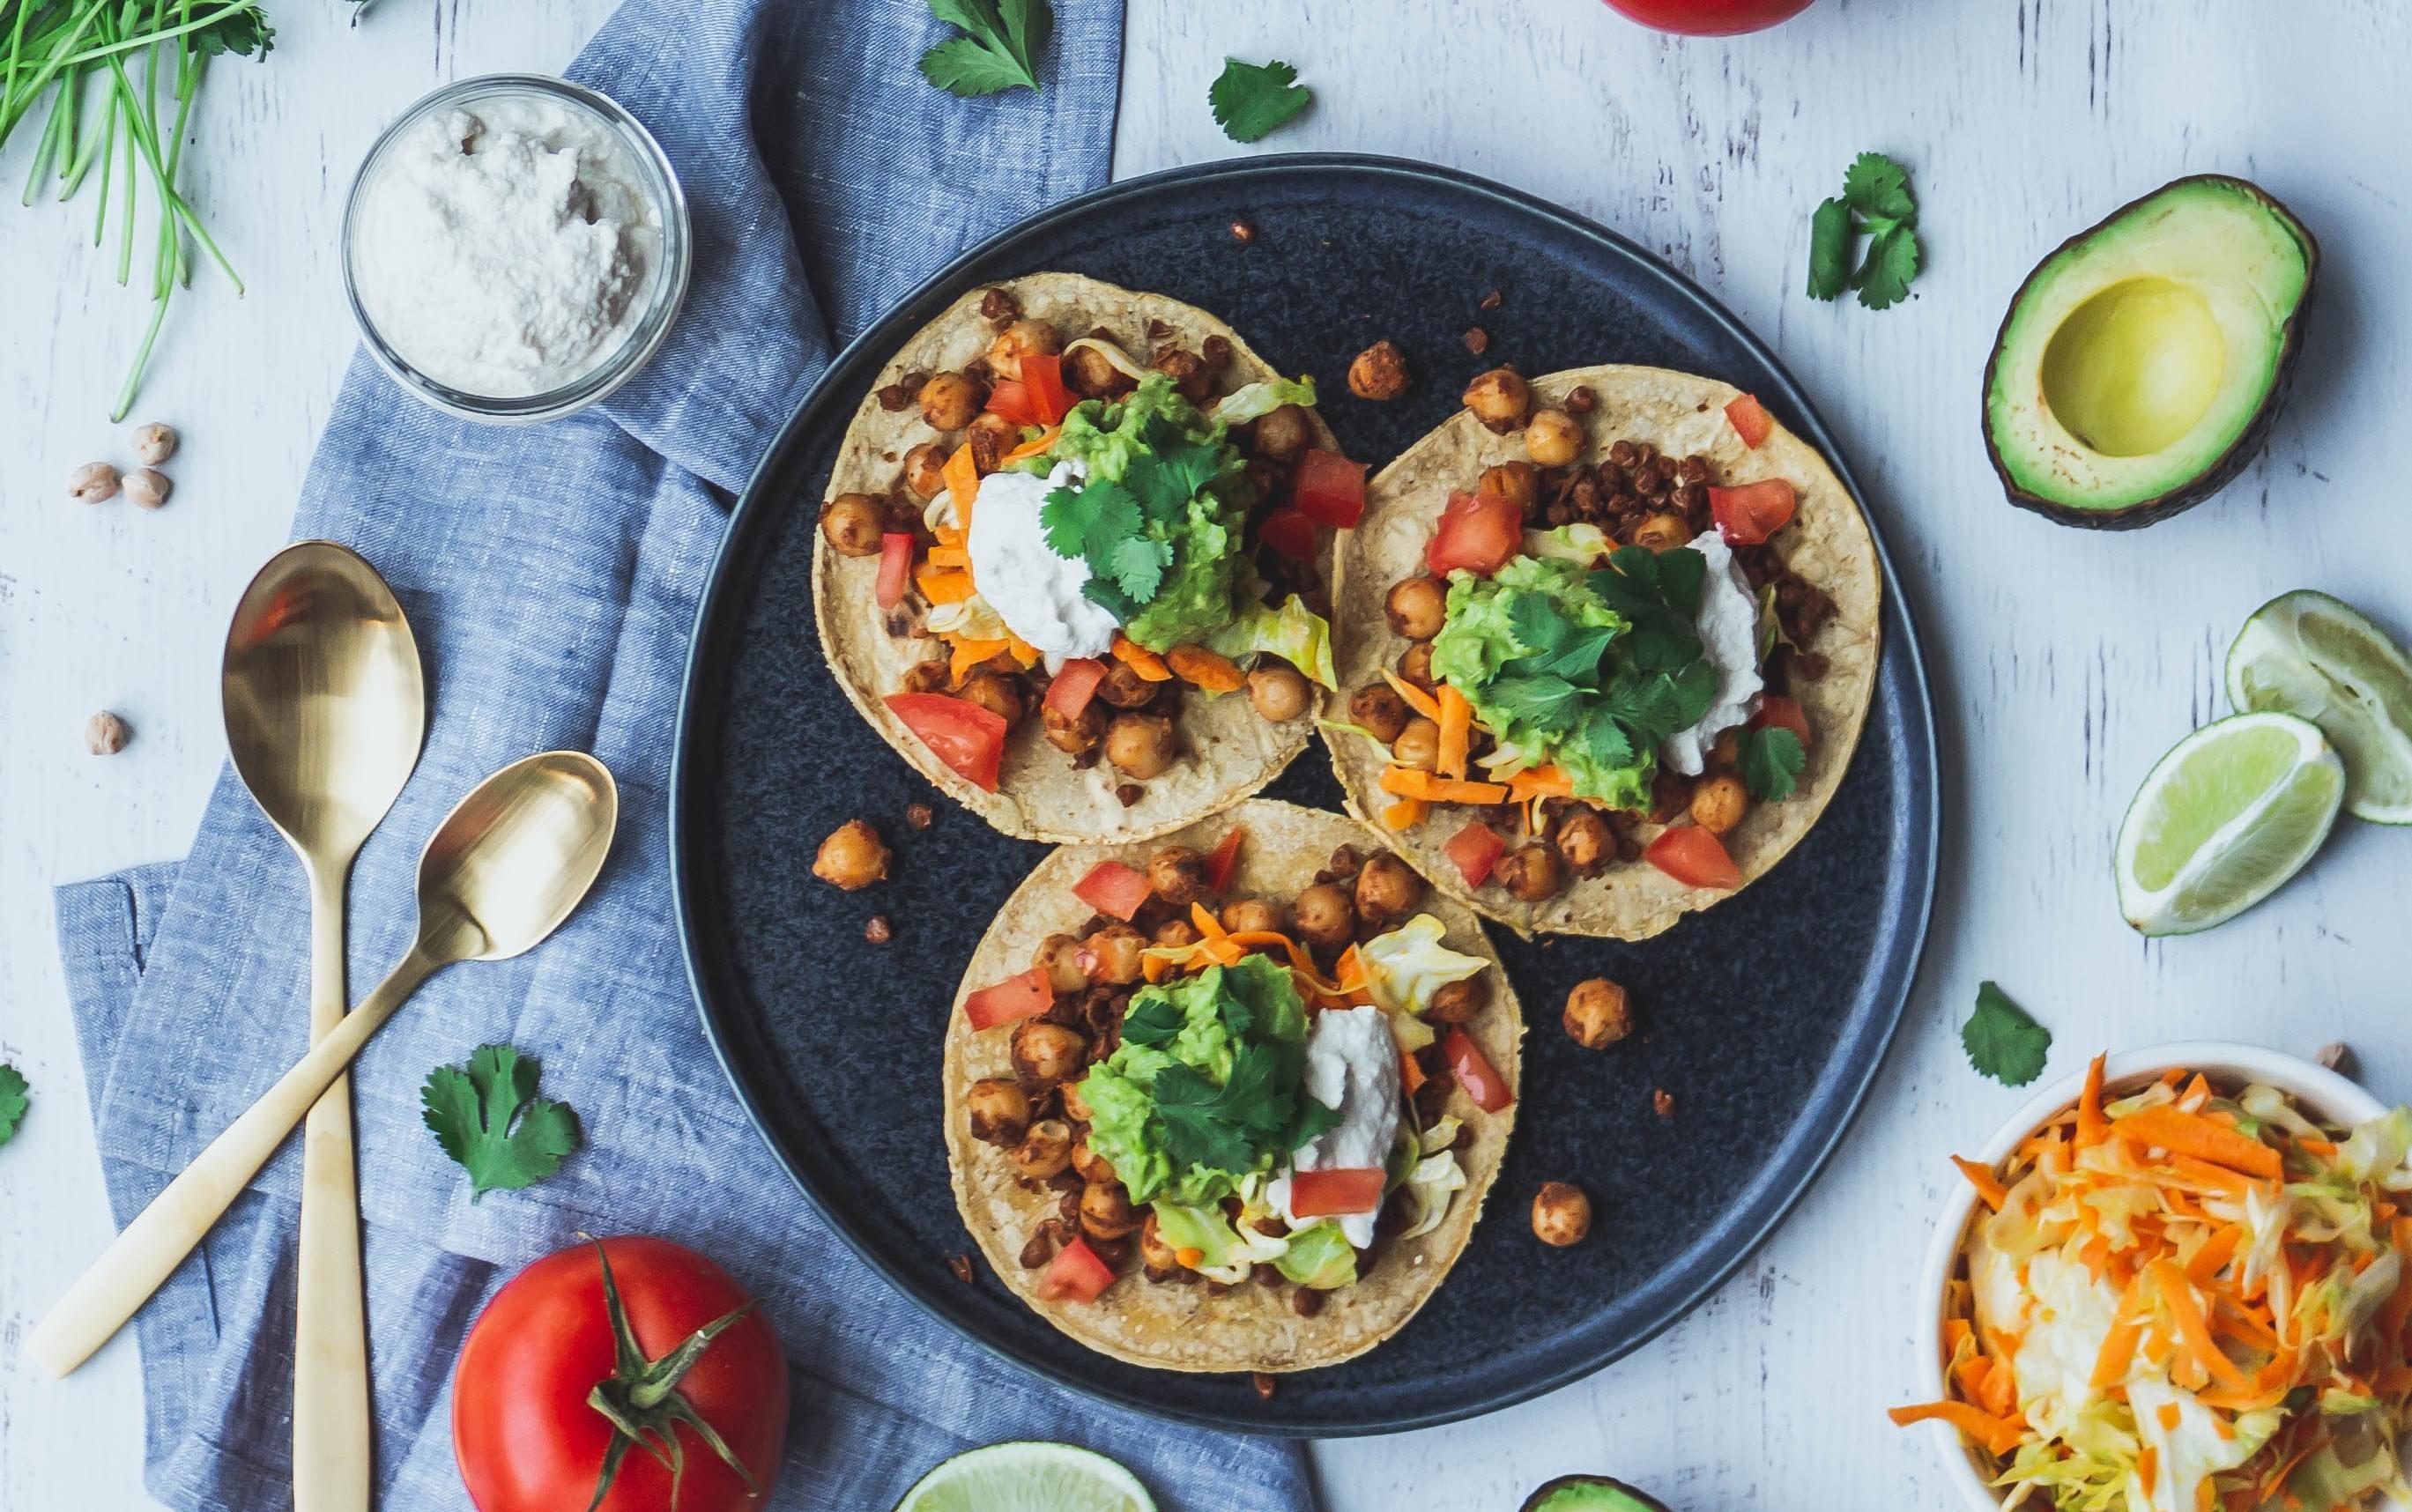 6 restaurantes veganos/vegetarianos que llevan sus deliciosas creaciones a domicilio